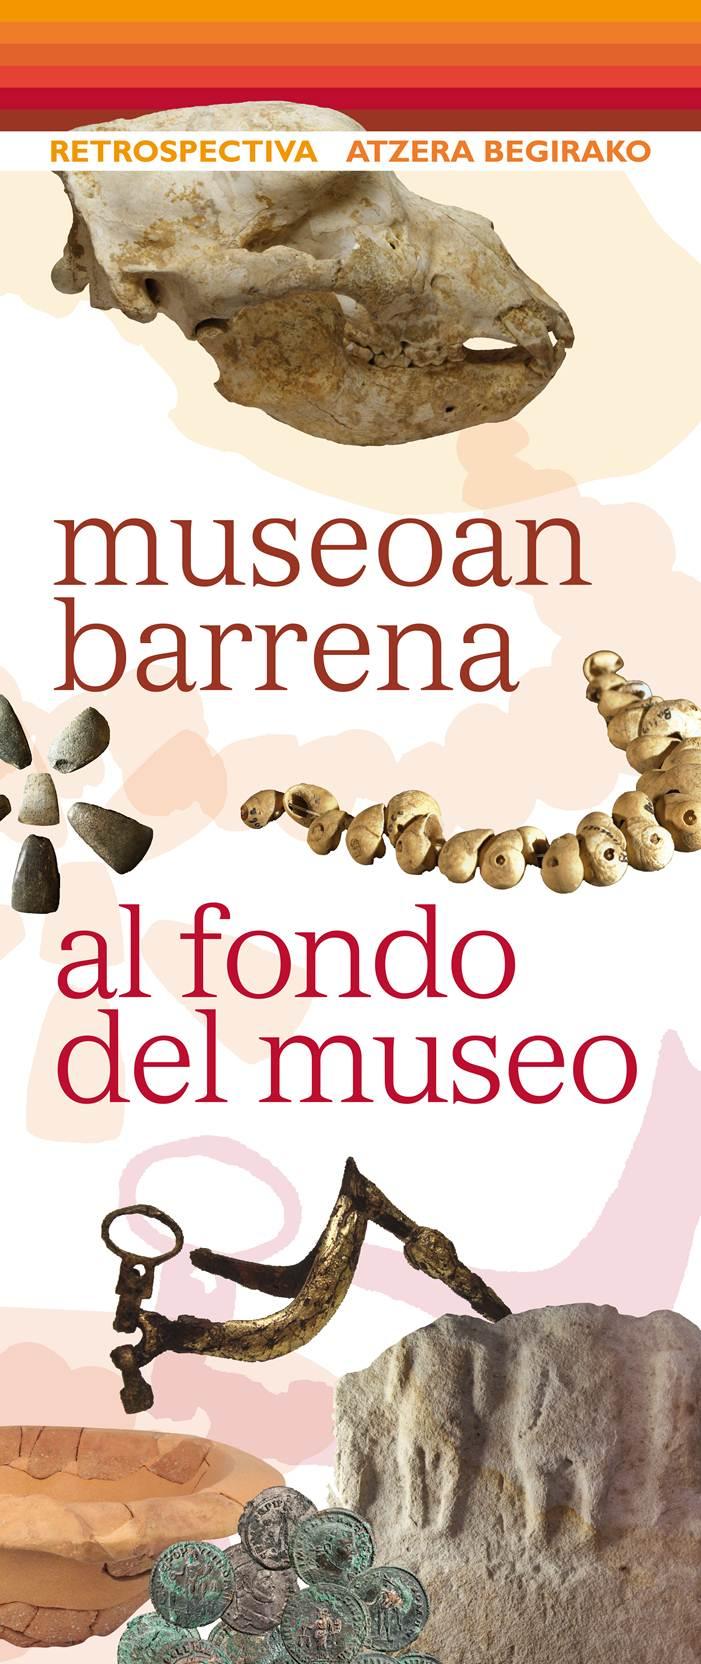 EXPOSICIÓN TEMPORAL: RETROSPECTIVA. AL FONDO DEL MUSEO.